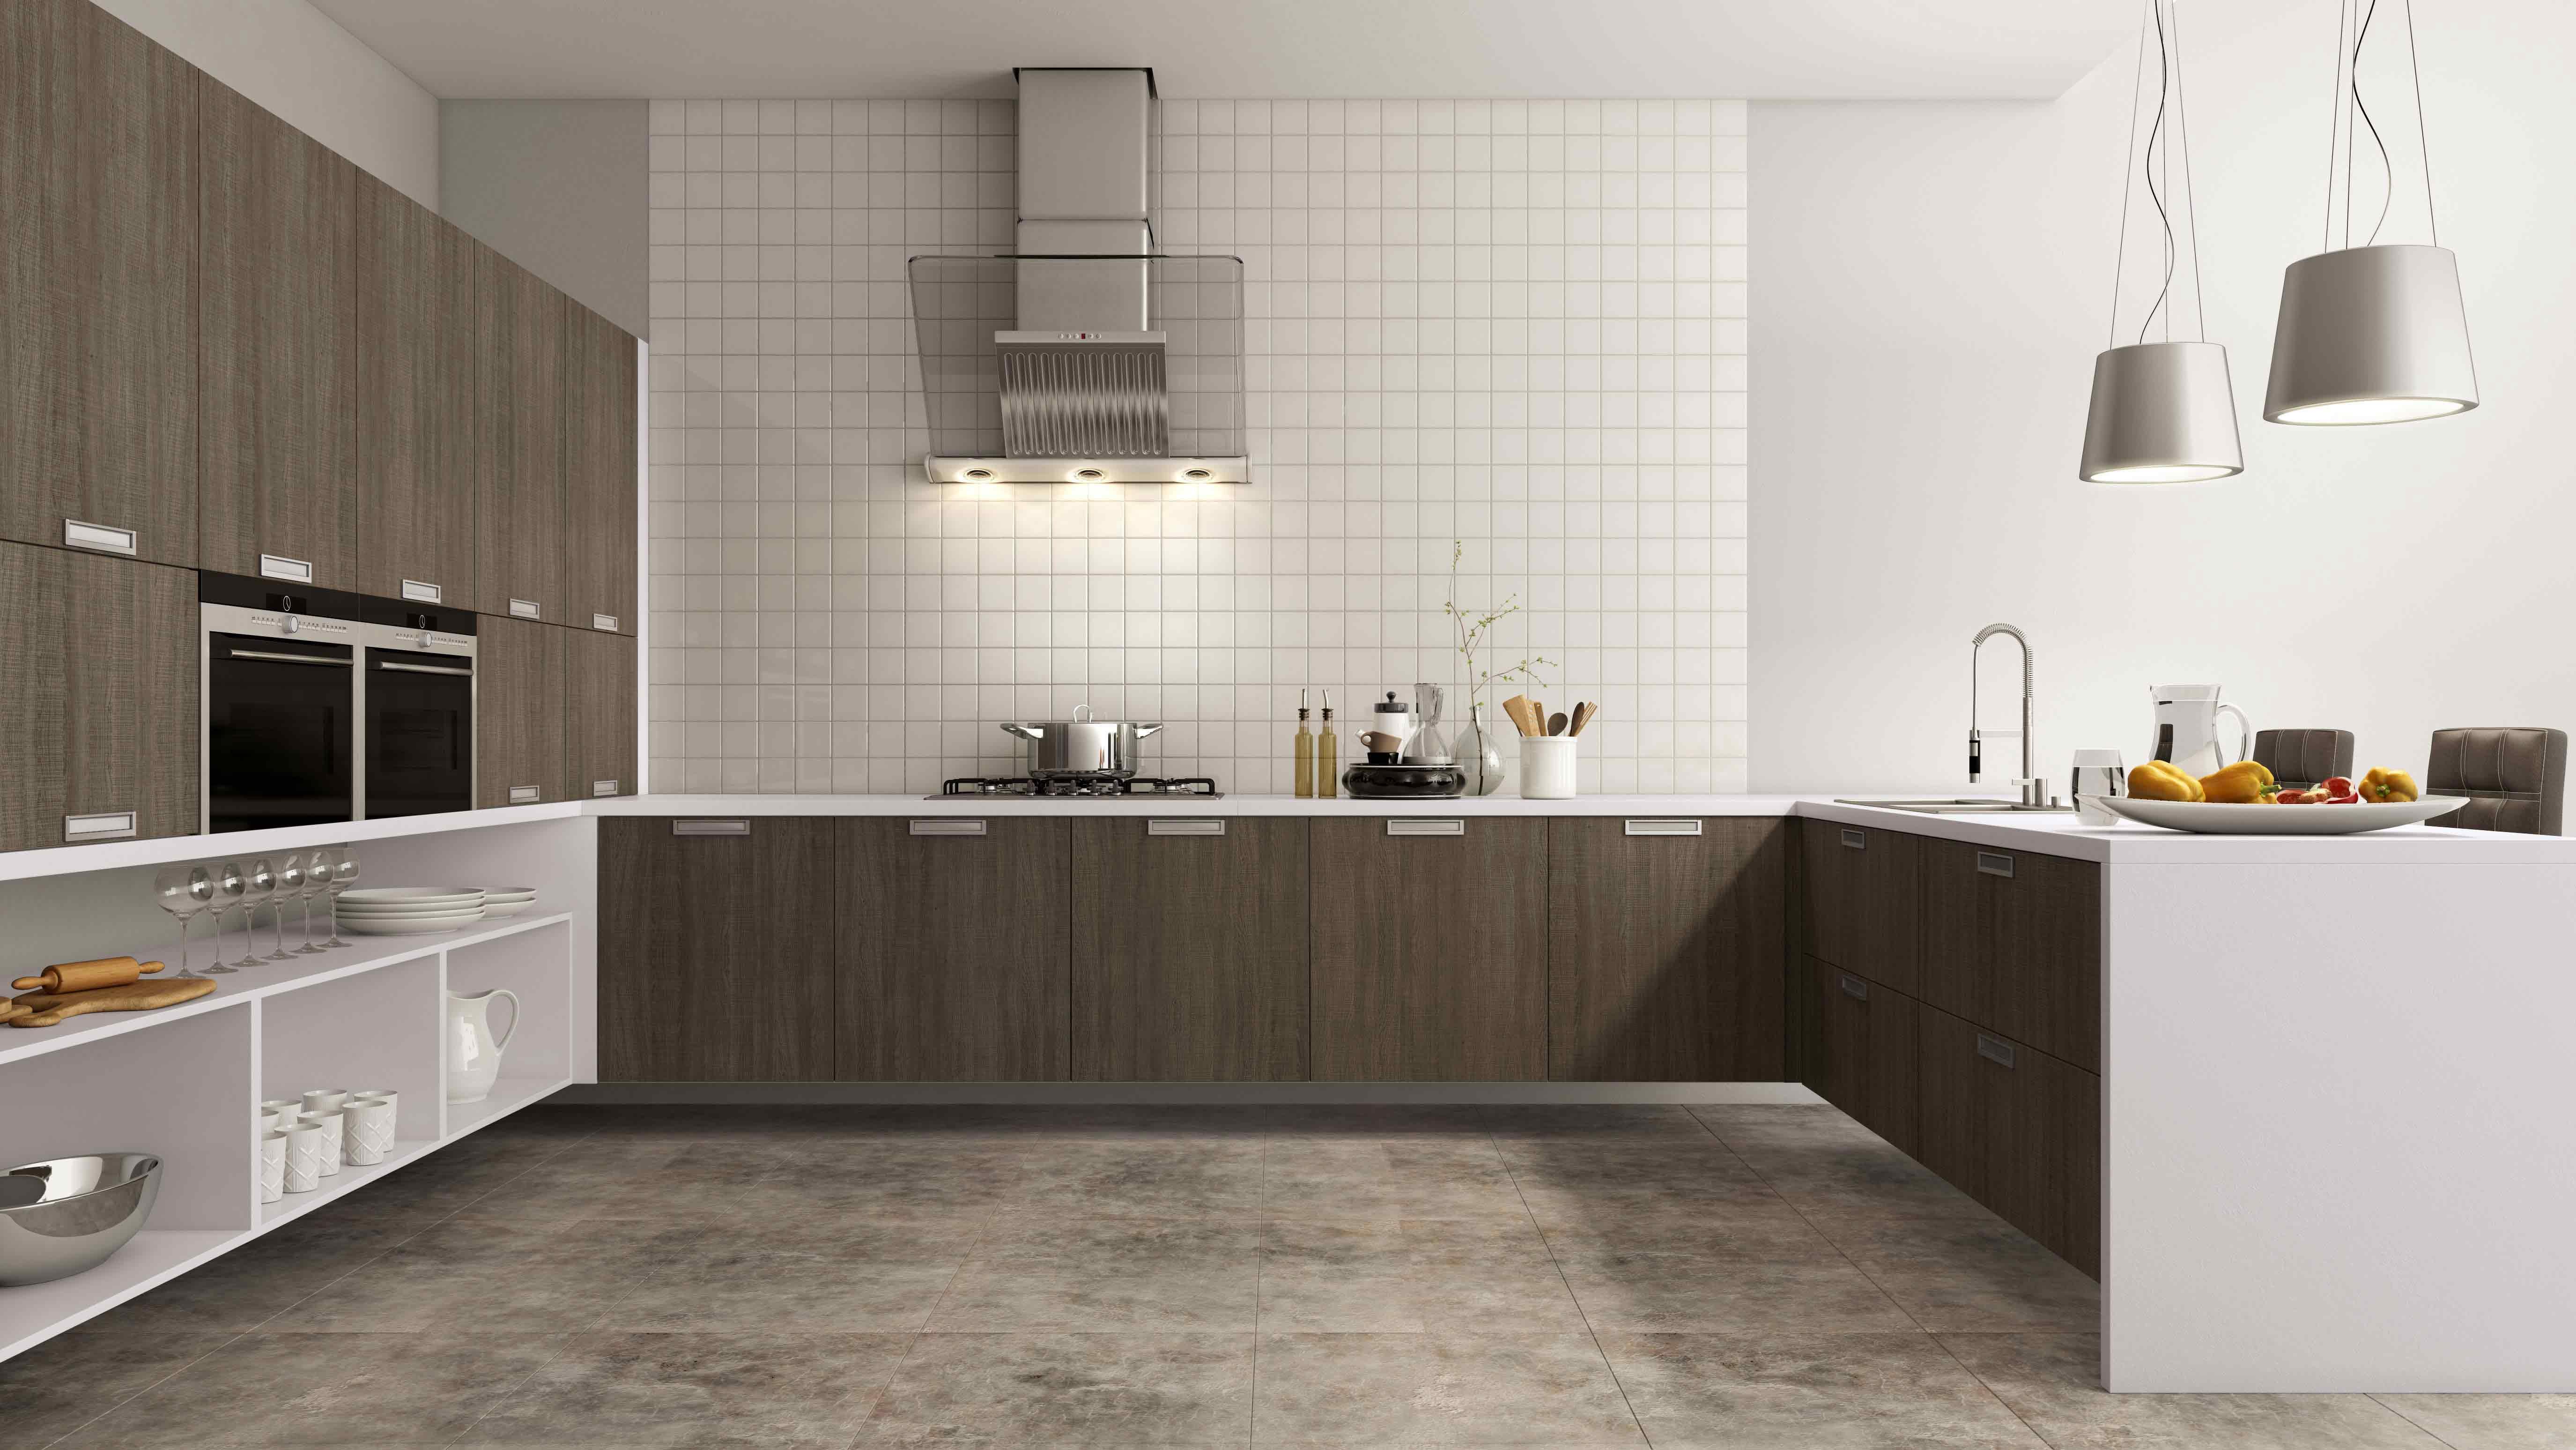 Cozinha marrom – MENOR PRAZO DO BRASIL